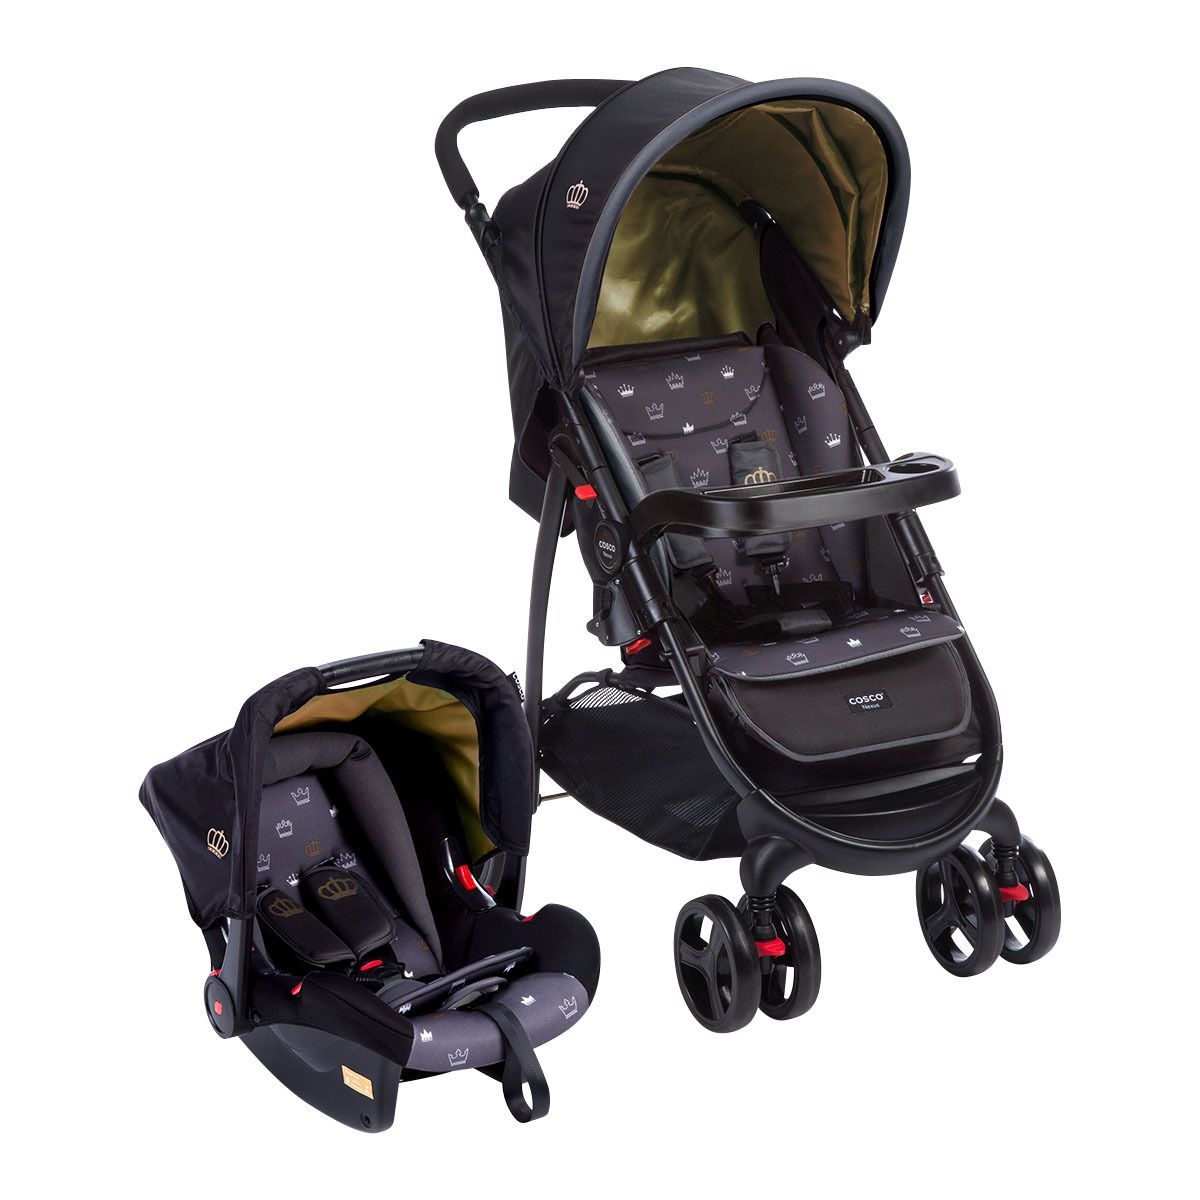 Carrinho de Bebê Travel System Nexus Preto + BB conforto - Cosco -  Tbabykids ... 8b440a11b0d